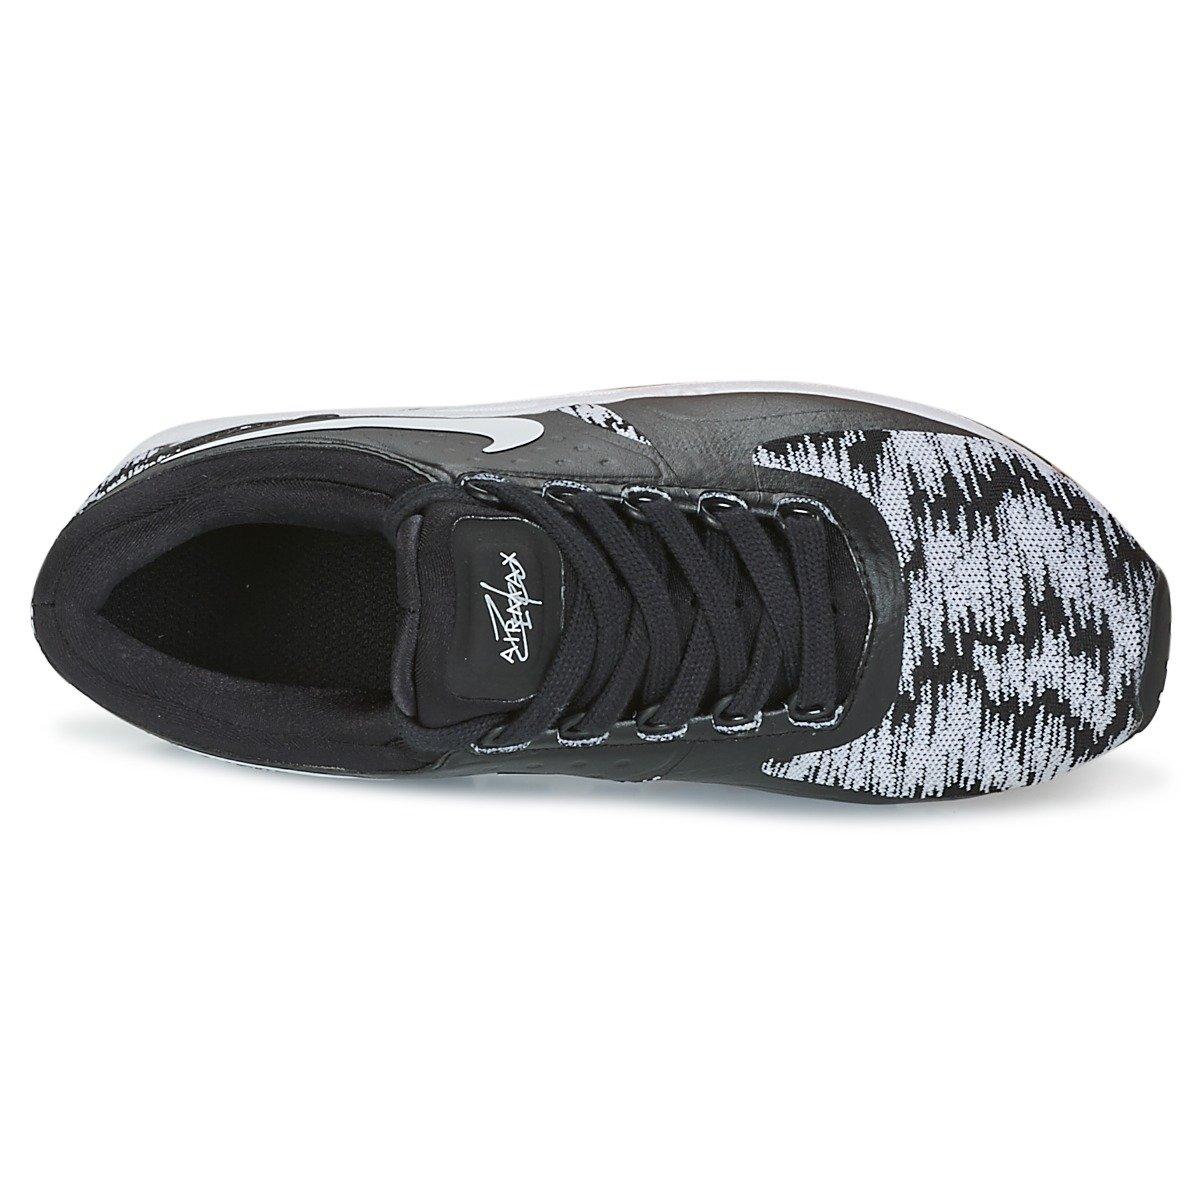 best sneakers e632e 7ee52 Nike Air Max Zero Se (GS), Baskets pour Enfants  Amazon.fr  Sports et  Loisirs